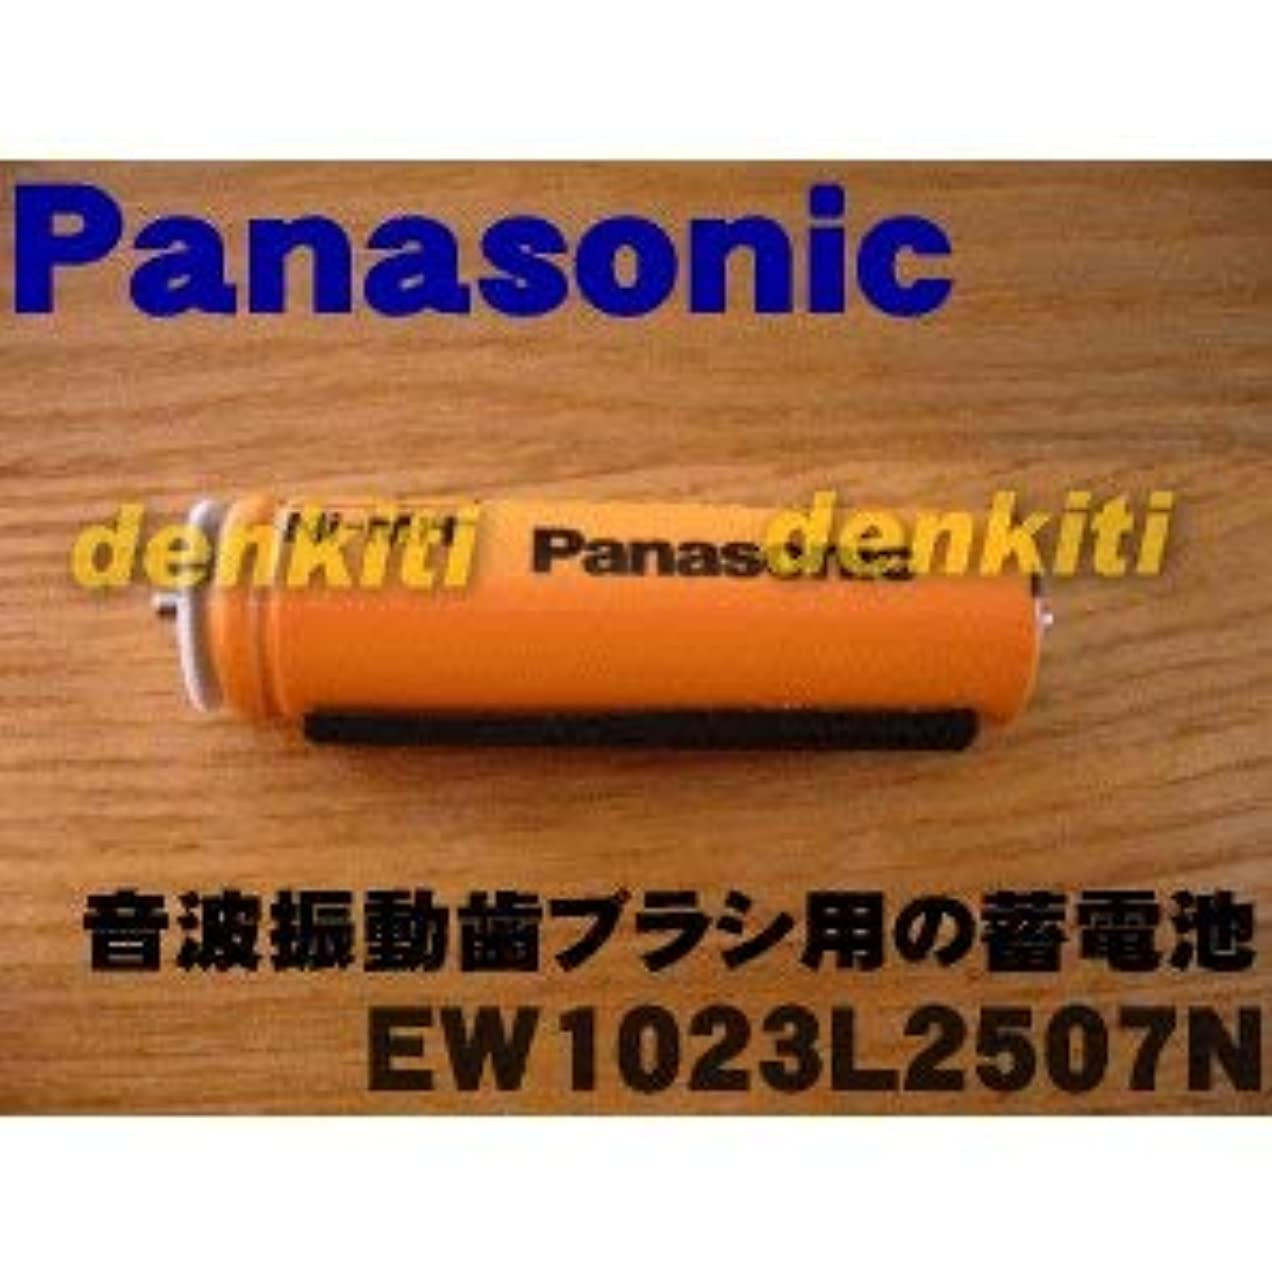 小さな必需品露骨な【ゆうパケット対応品】 パナソニック Panasonic 音波振動ハブラシ Doltz 蓄電池交換用蓄電池 EW1023L2507N